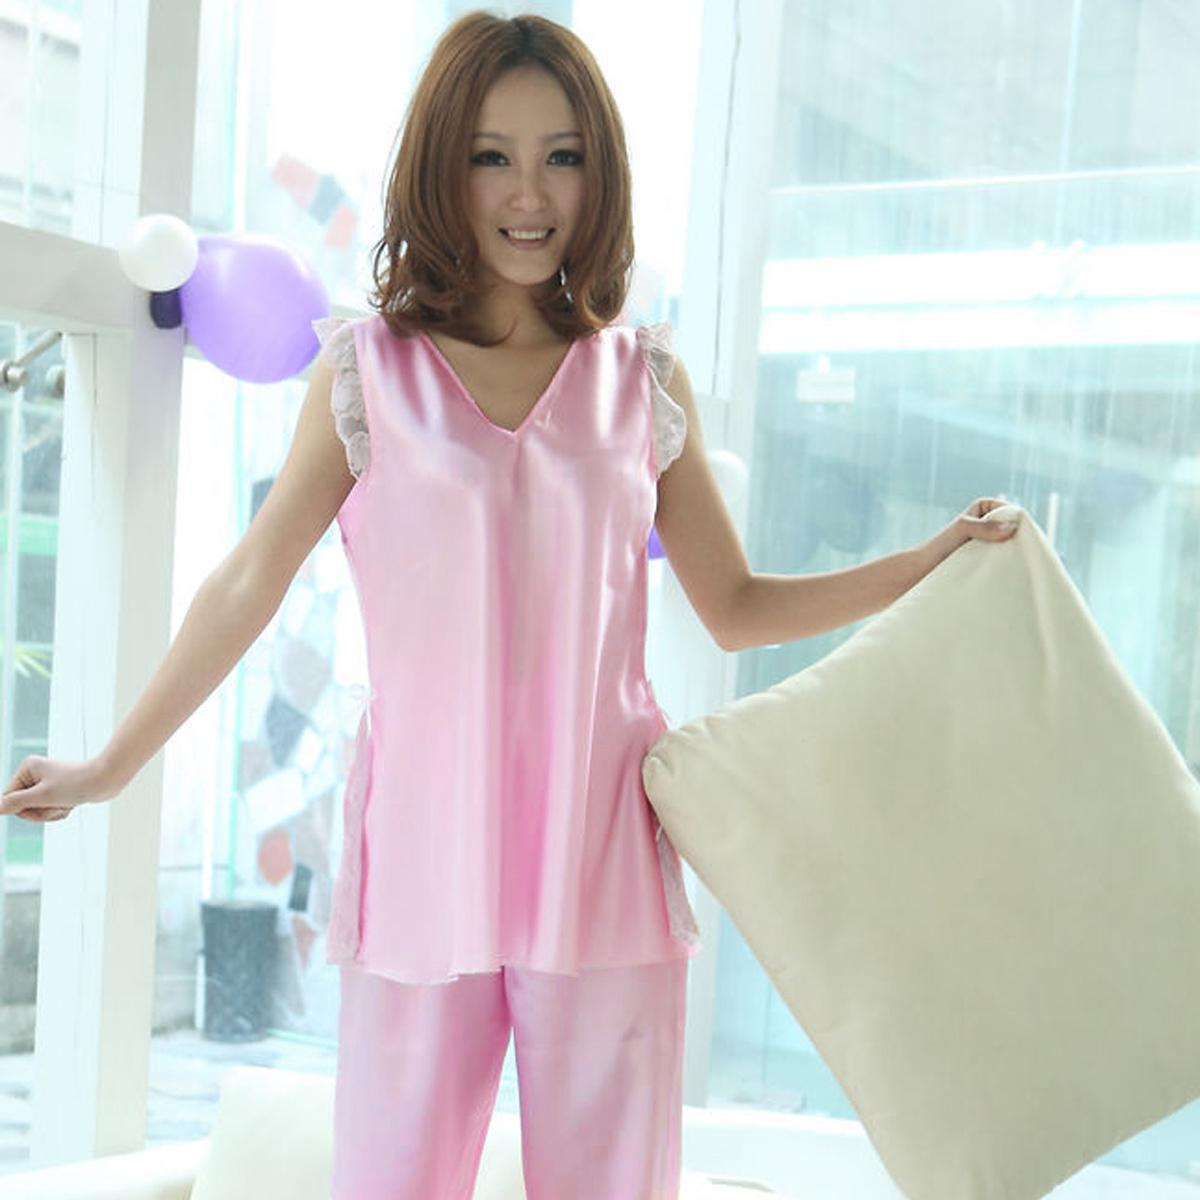 Пижама Meng/yue Lin 2013 Имитация натурального шёлка Однотонный цвет Манжеты Для отдыха дома Жен.